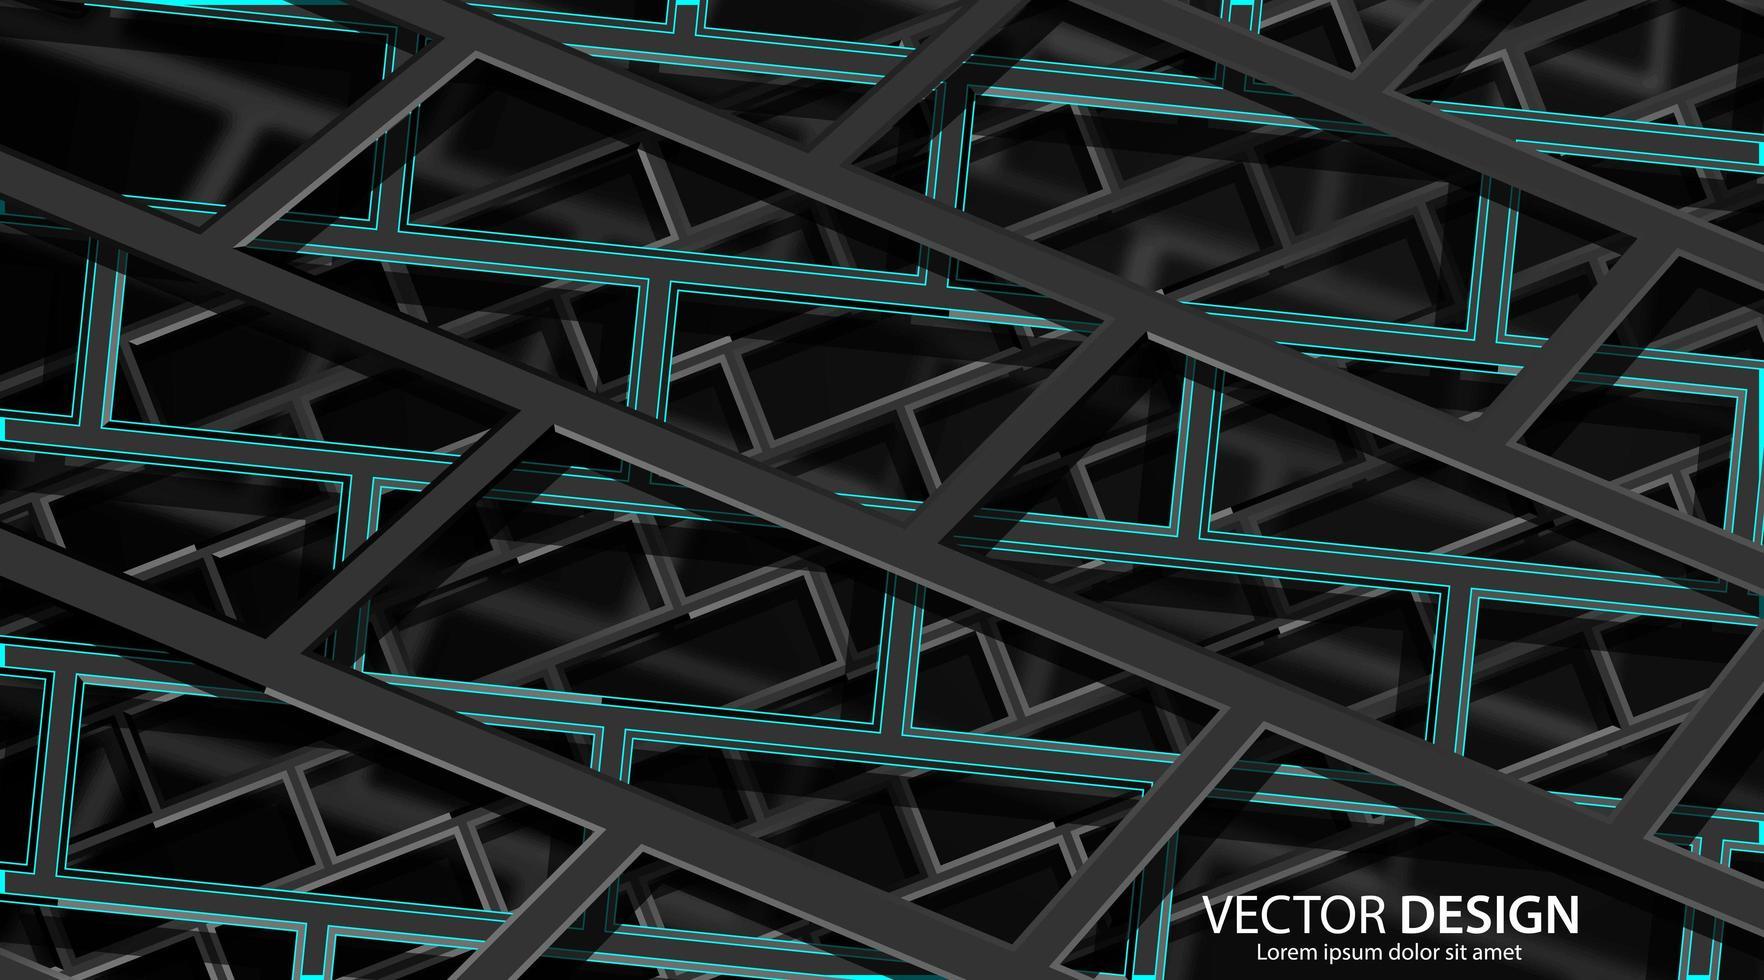 astratto 3d sfondo architettonico geometrico verde scuro e nero vettore